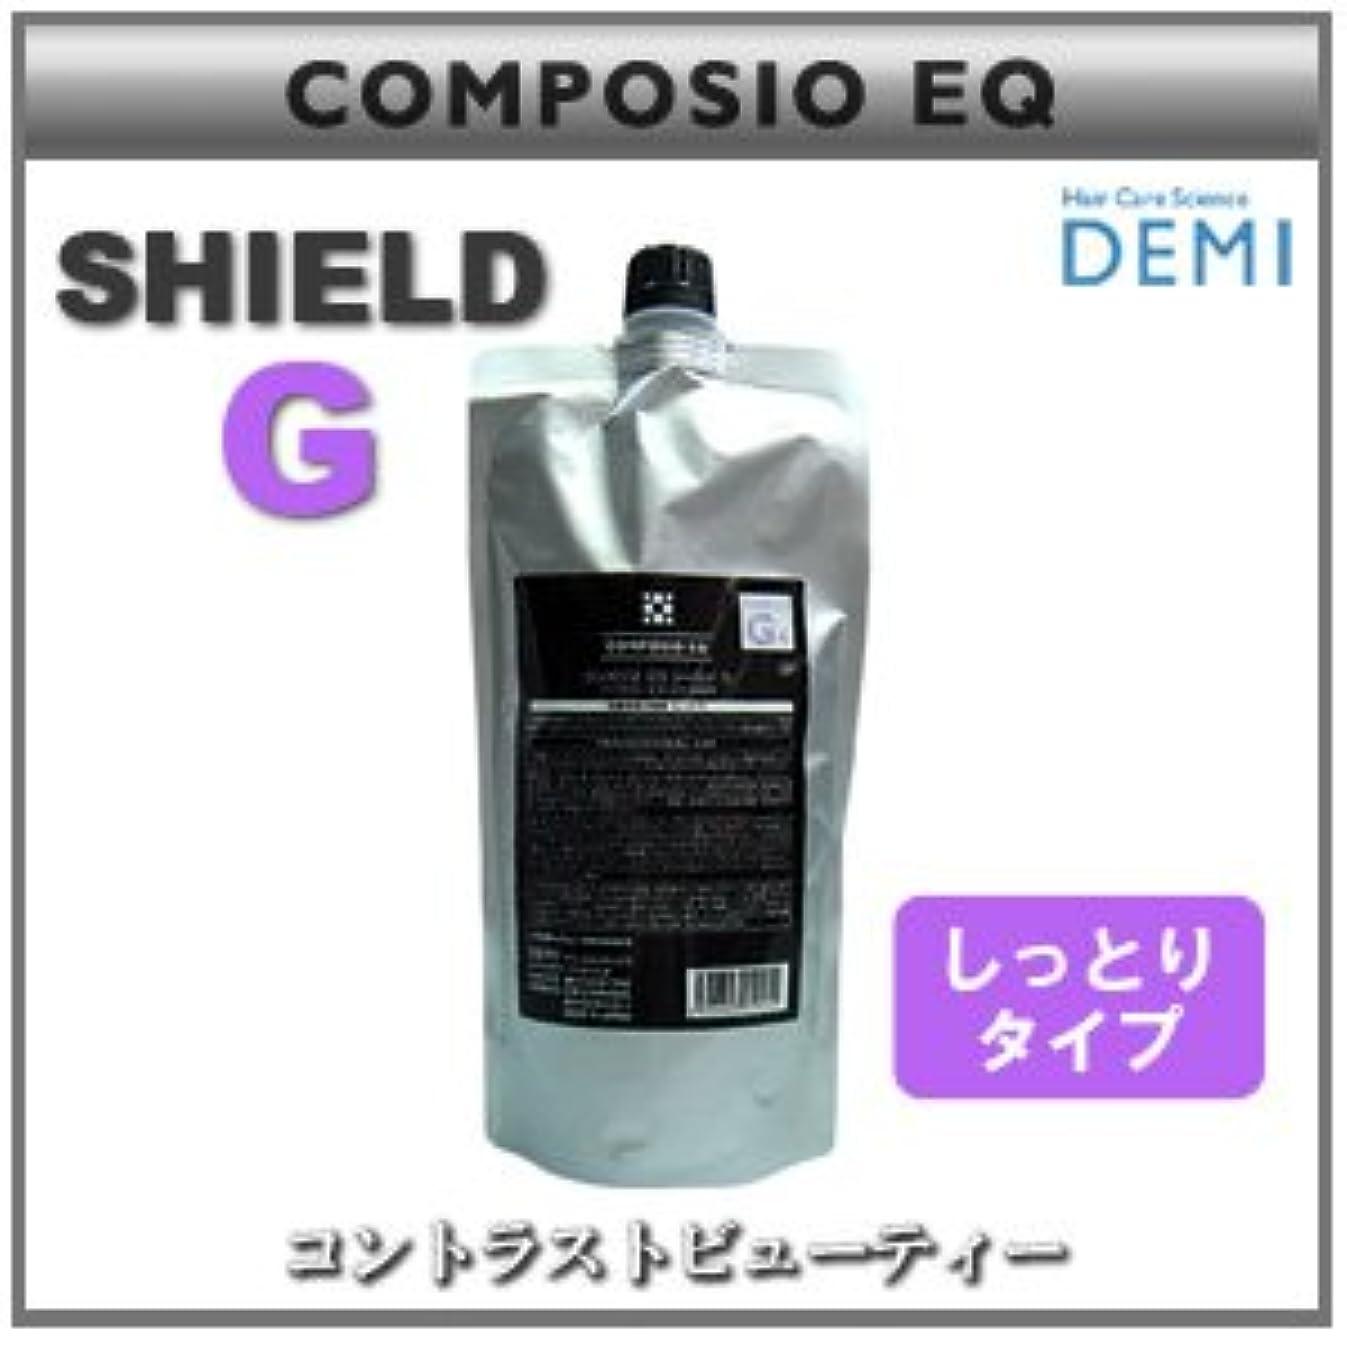 予備未来ポーズ【X5個セット】 デミ コンポジオ EQ シールド G 450g